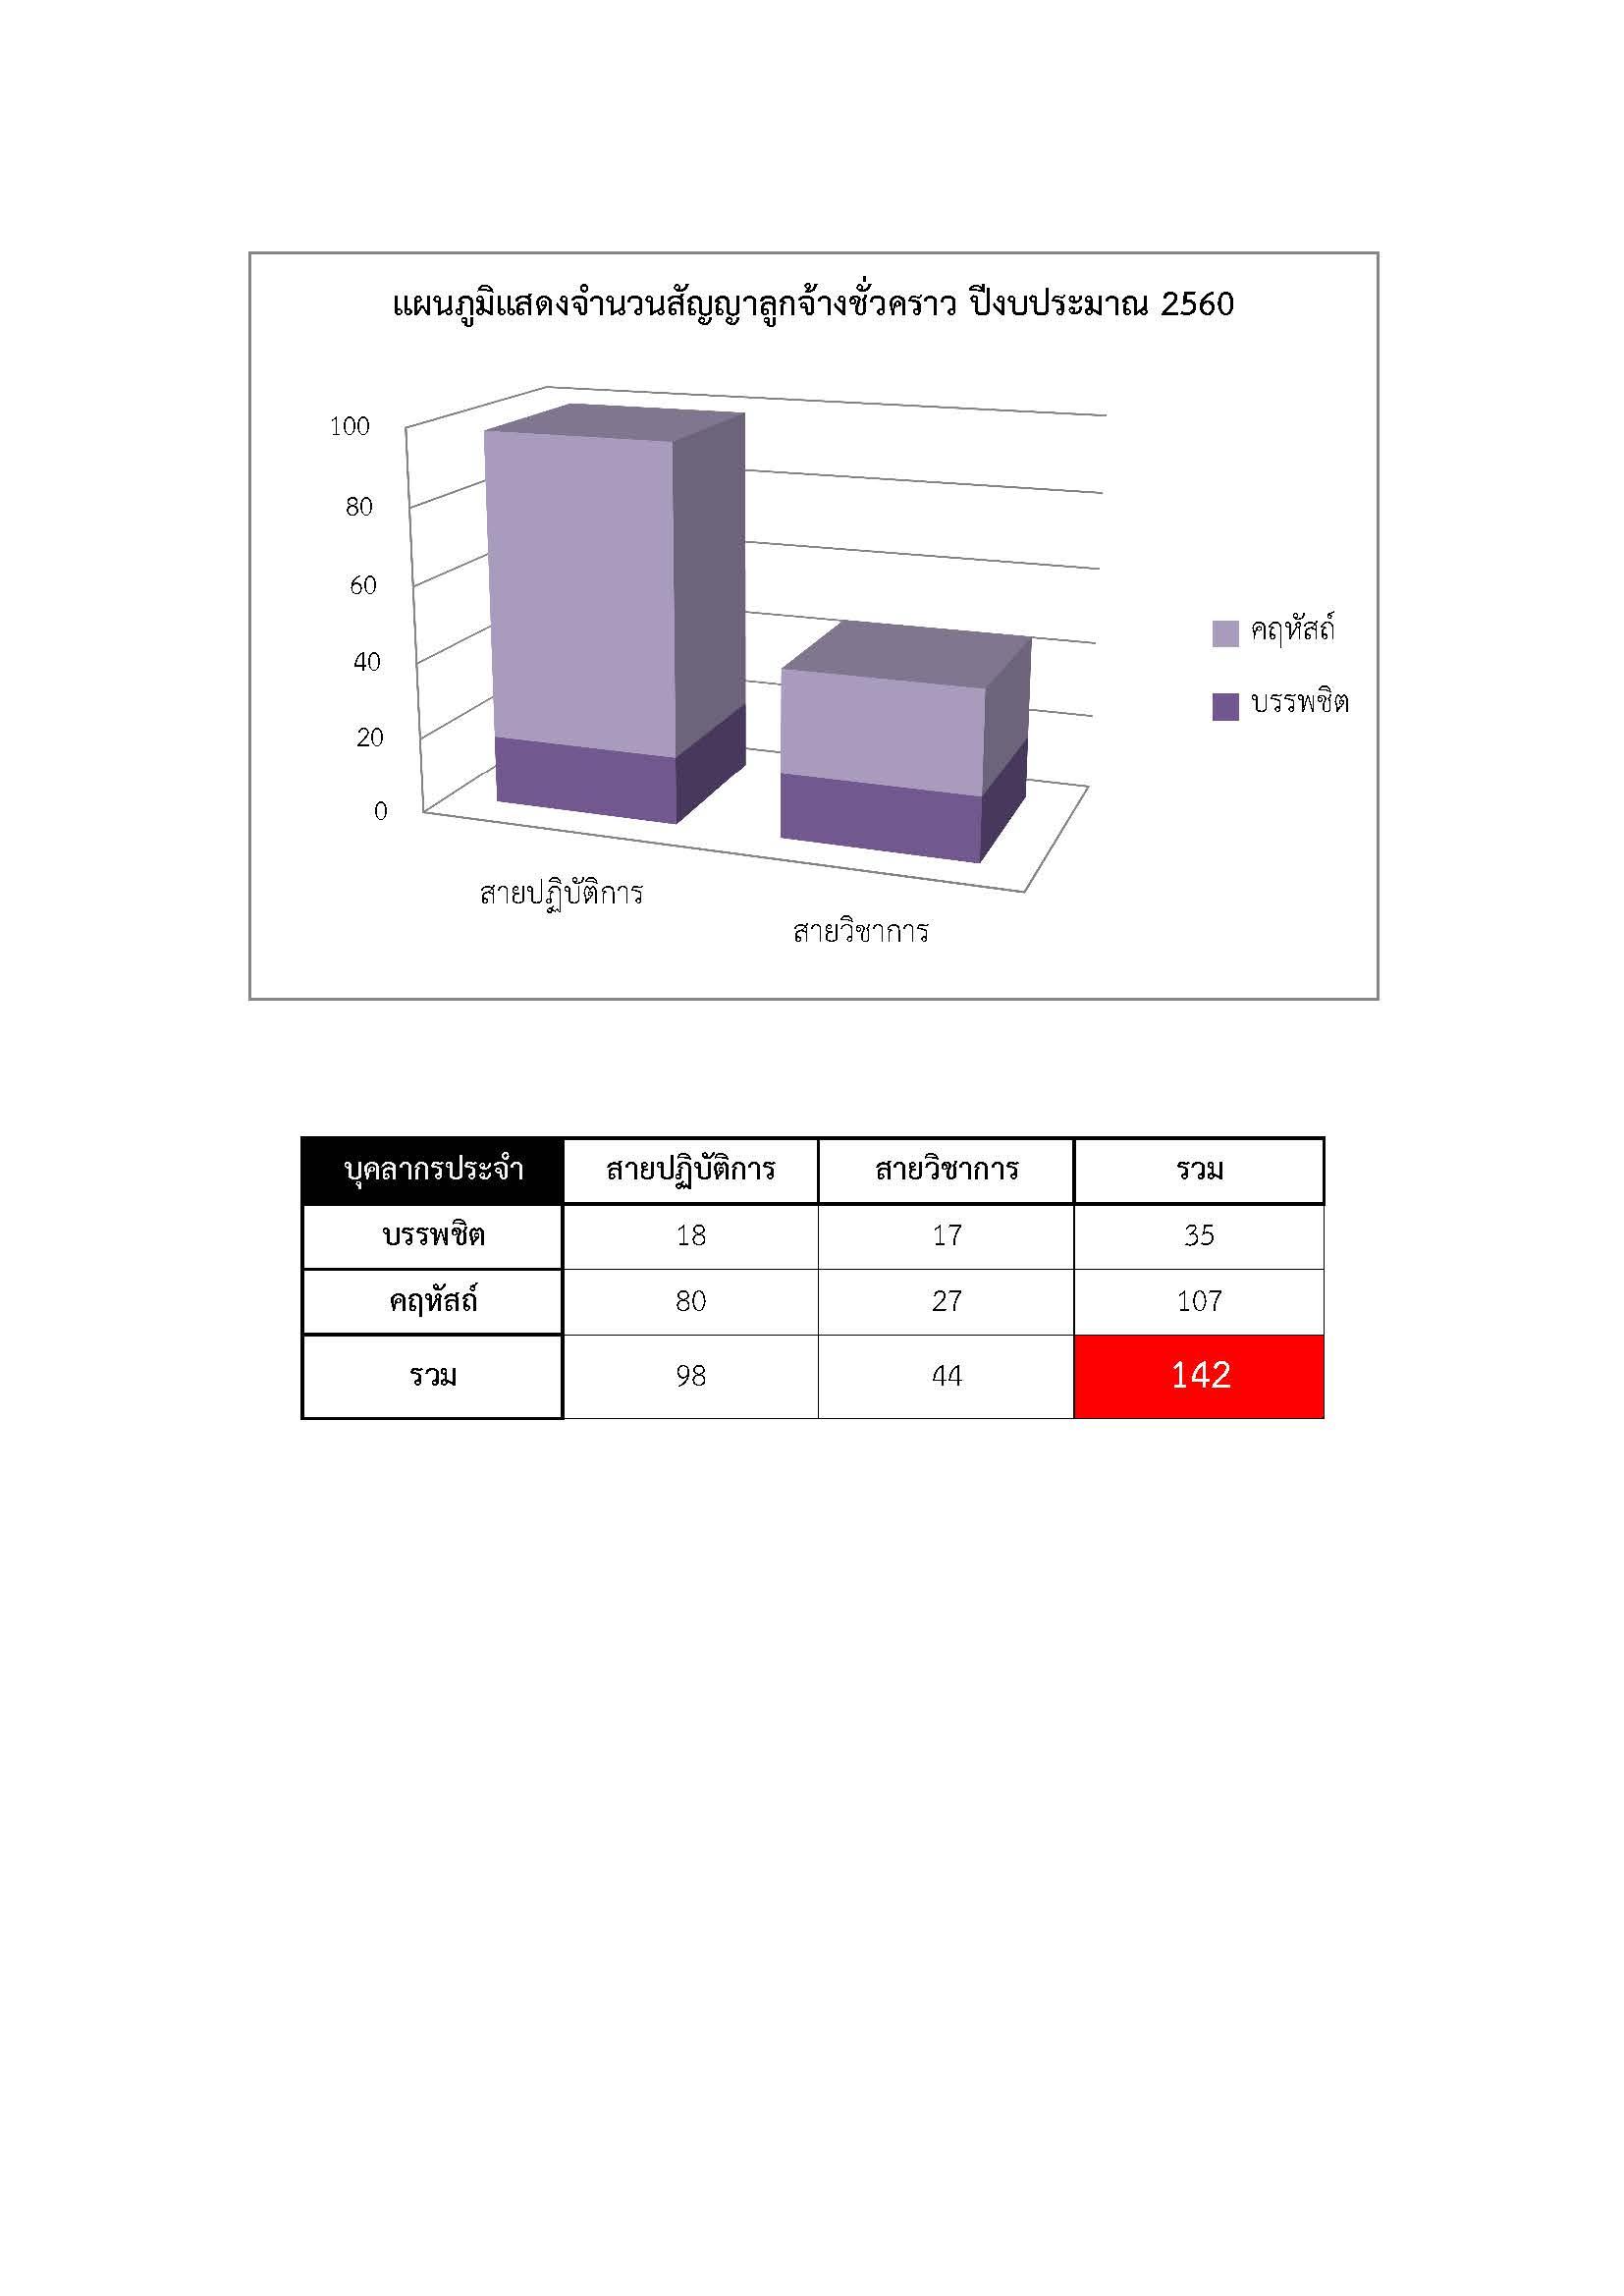 %e0%b8%aa%e0%b8%b1%e0%b8%8d%e0%b8%8d%e0%b8%b2%e0%b8%a5%e0%b8%b9%e0%b8%81%e0%b8%88%e0%b9%89%e0%b8%b2%e0%b8%87%e0%b8%8a%e0%b8%b1%e0%b9%88%e0%b8%a7%e0%b8%84%e0%b8%a3%e0%b8%b2%e0%b8%a7-2560